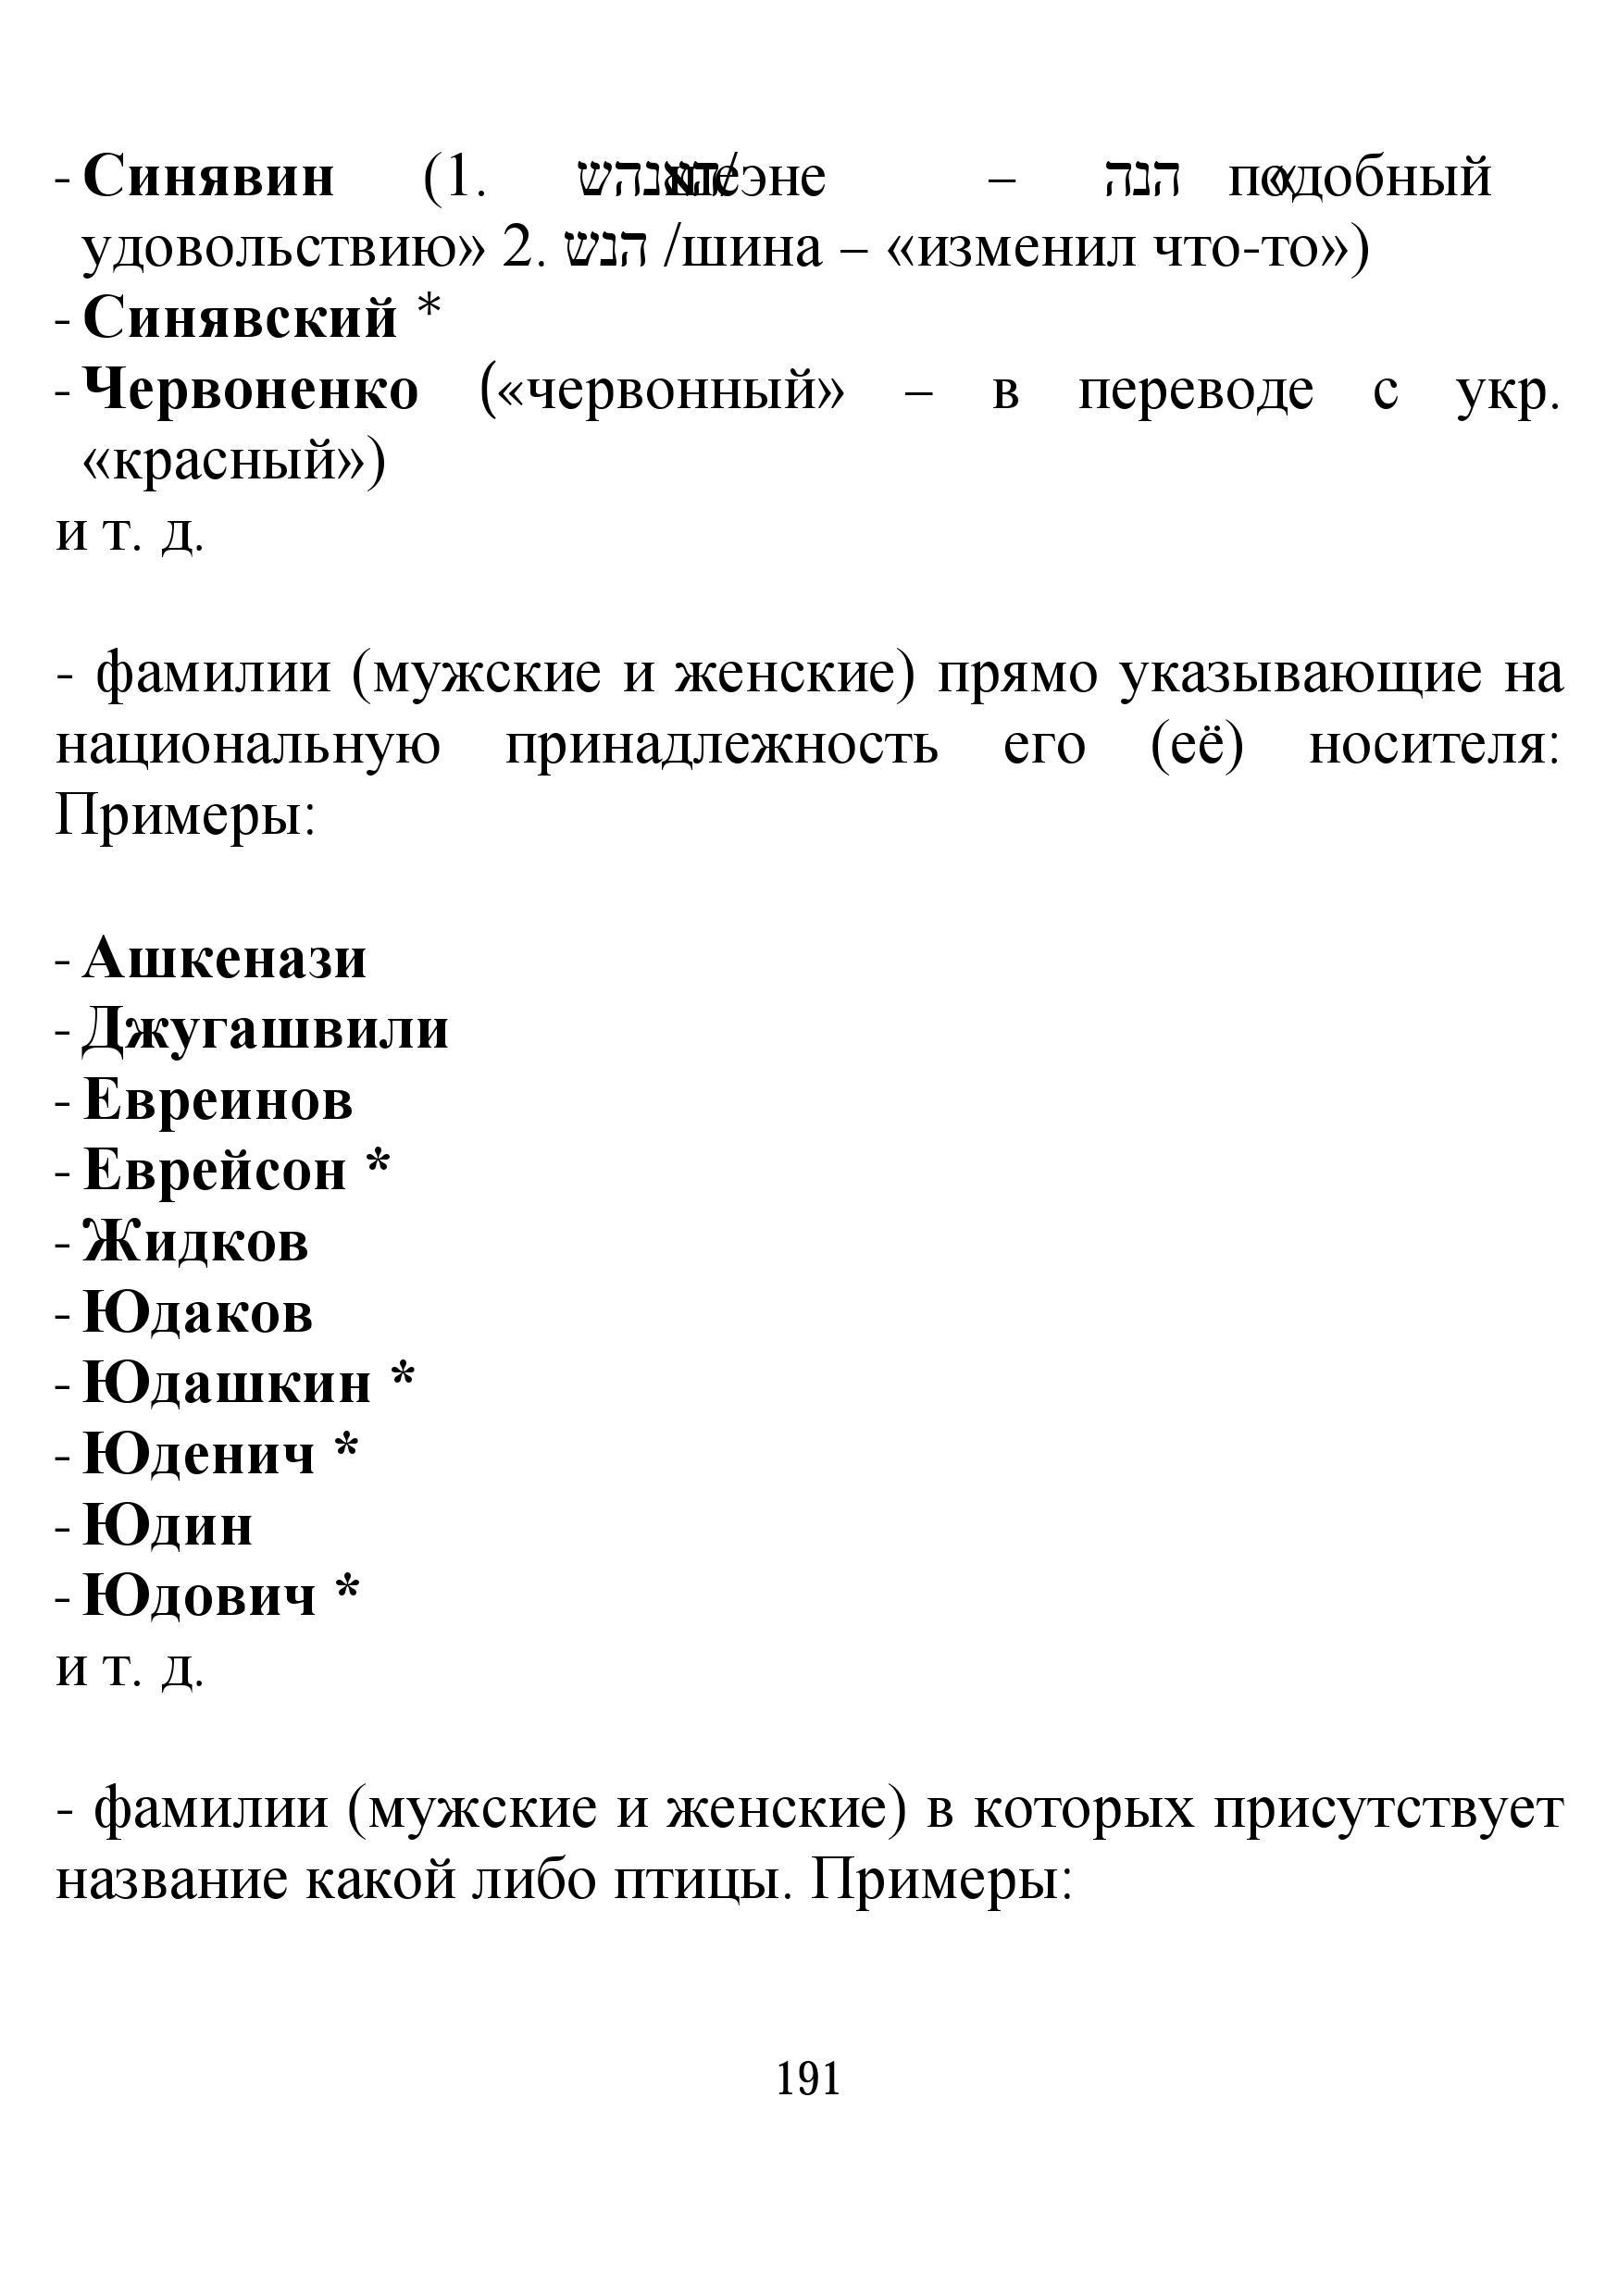 http://s4.uploads.ru/wqtrf.jpg